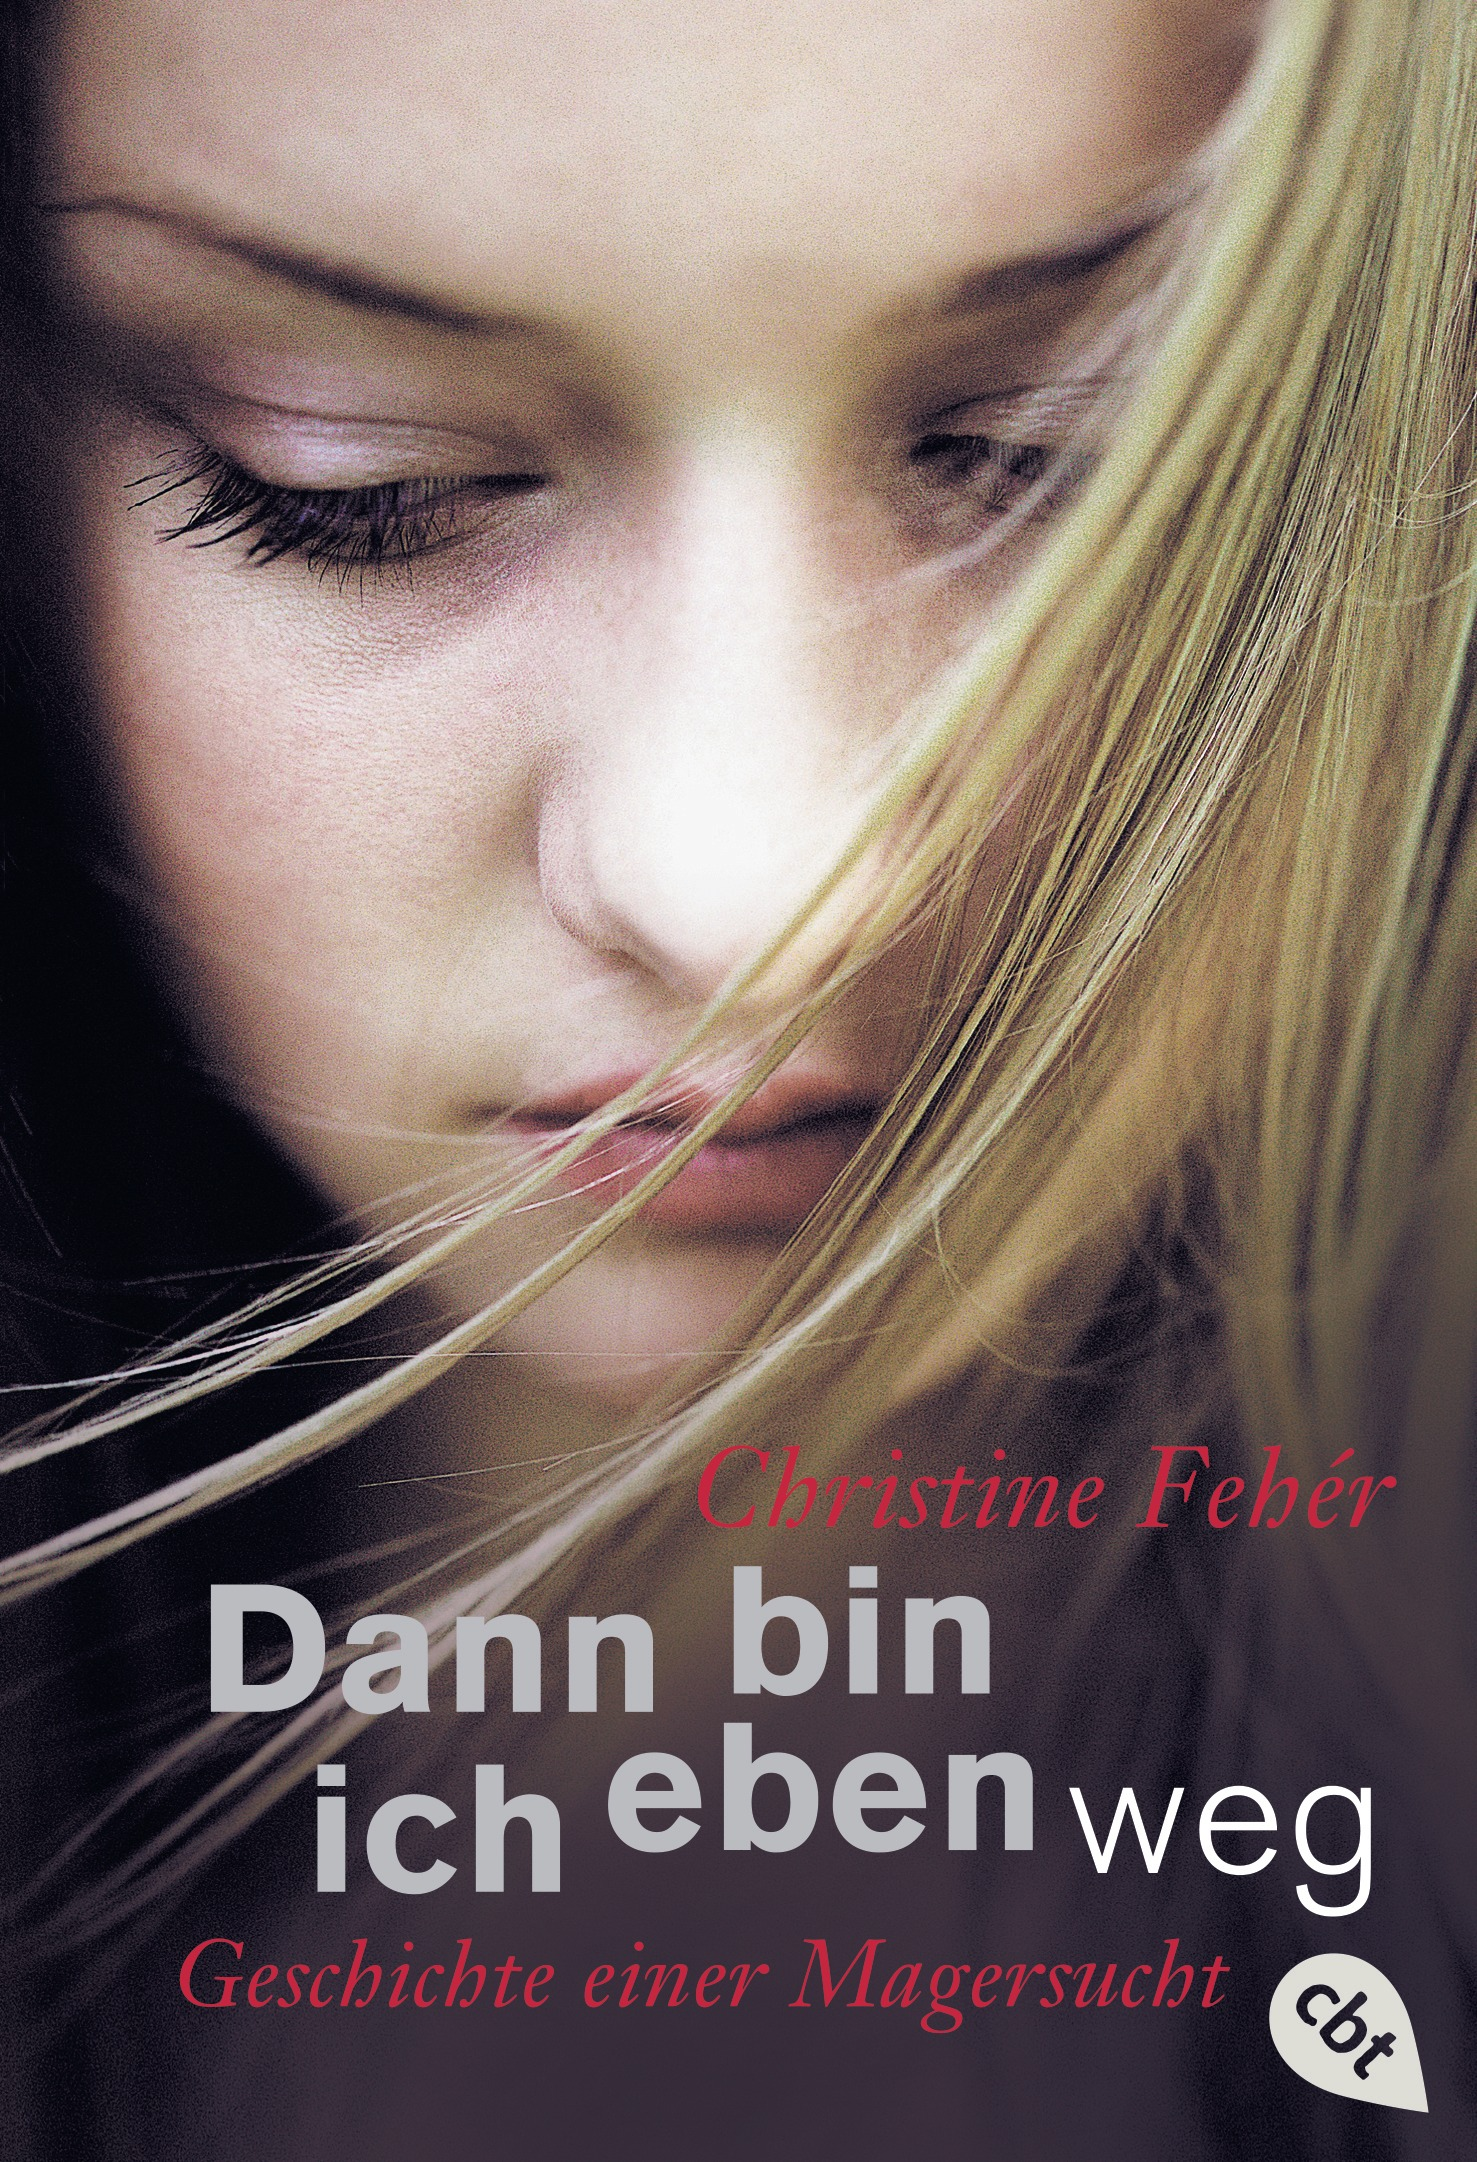 Dann bin ich eben weg: Geschichte einer Magersucht - Christine Fehér